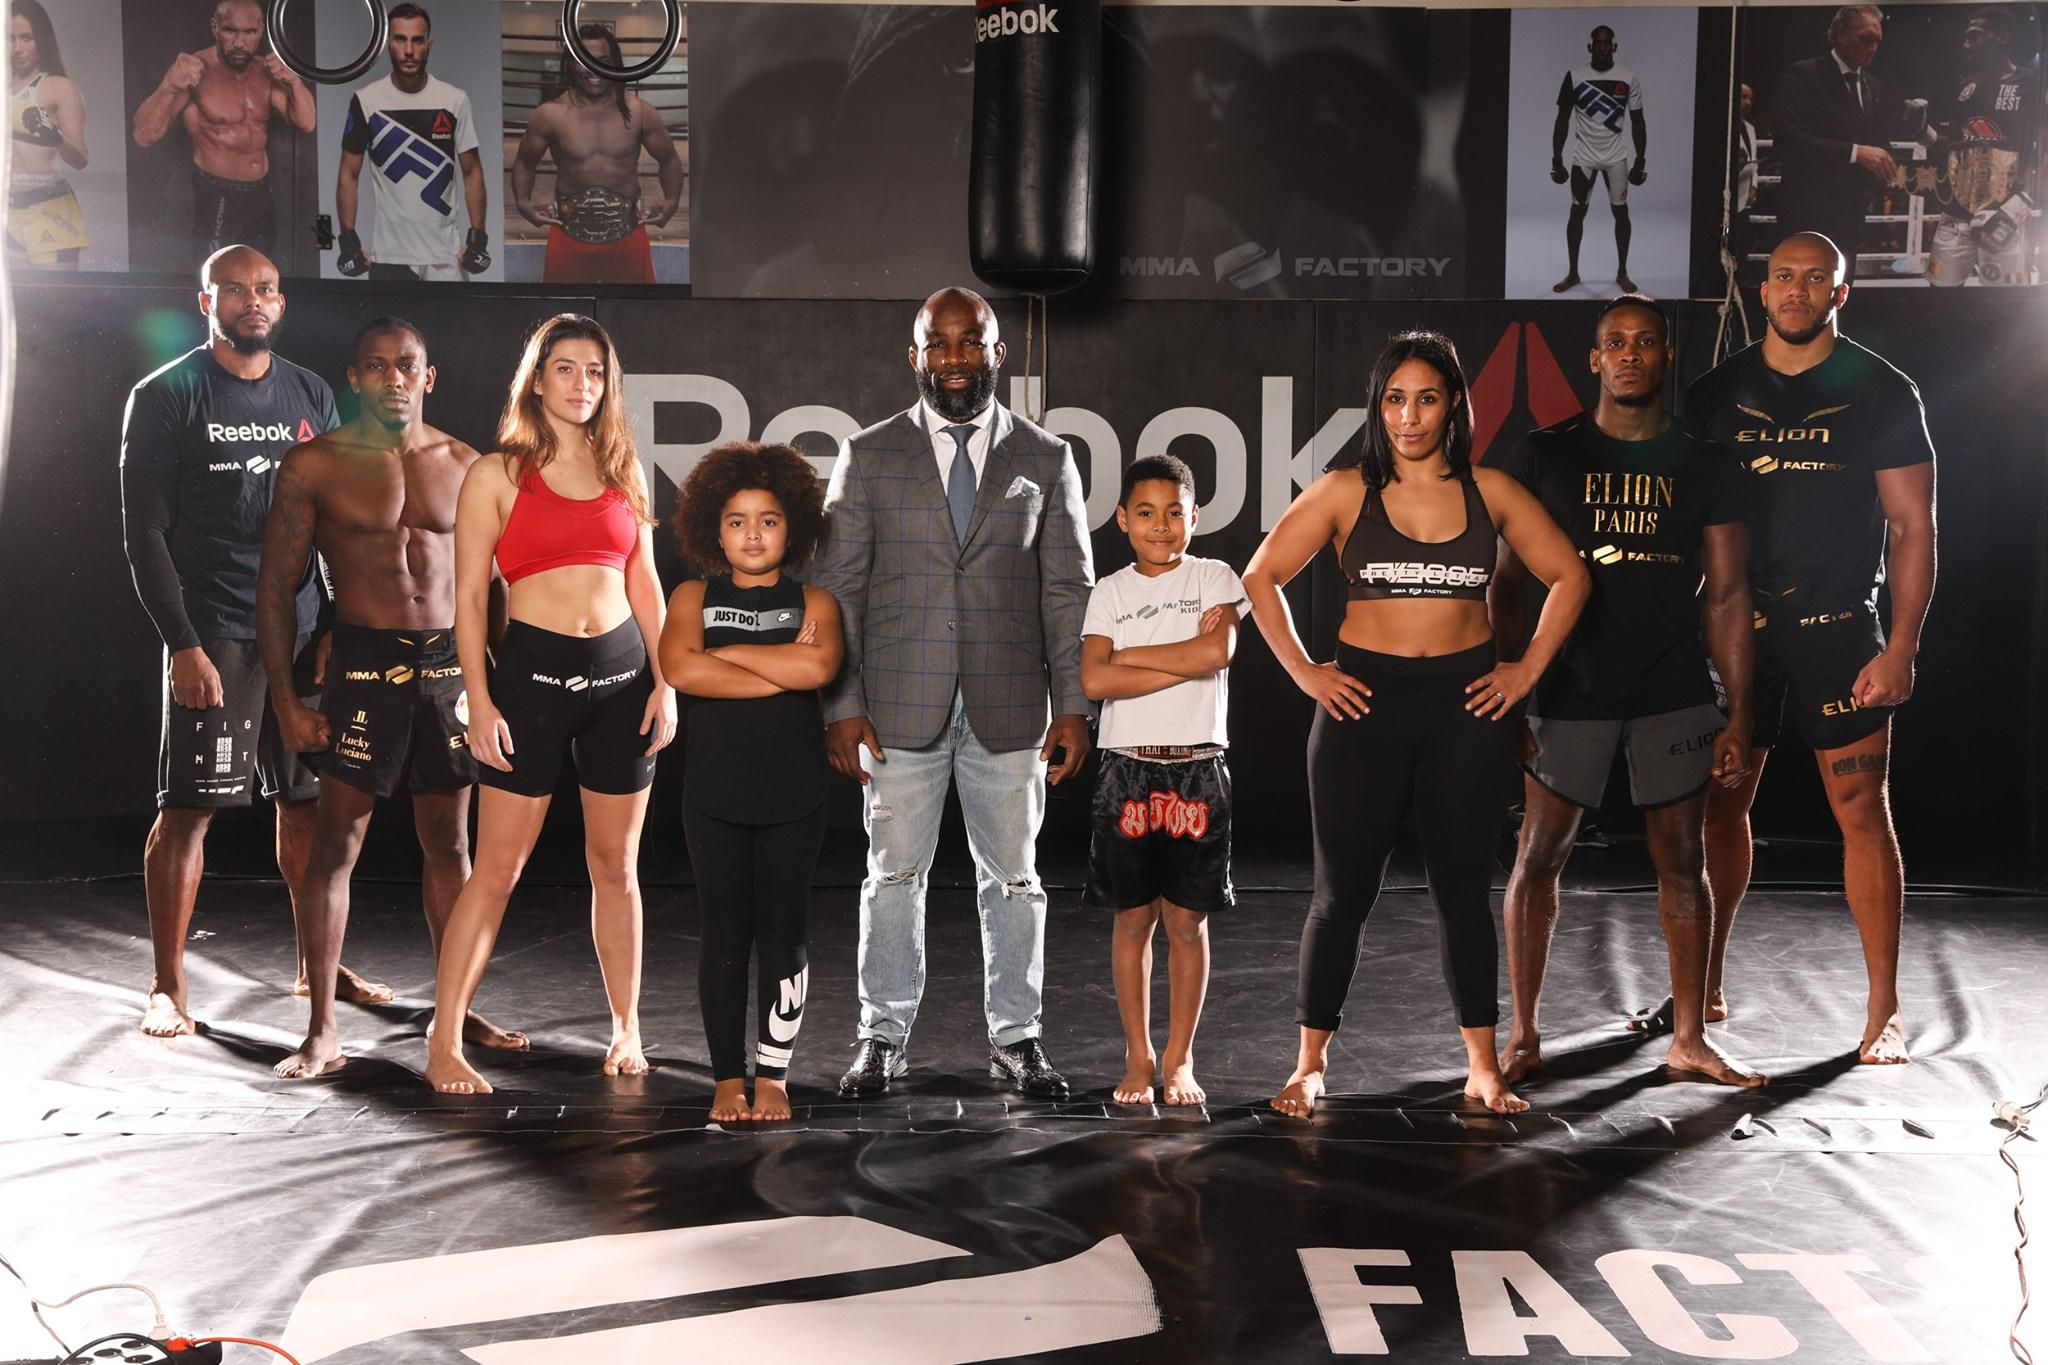 MMA FACTORY FAMILY